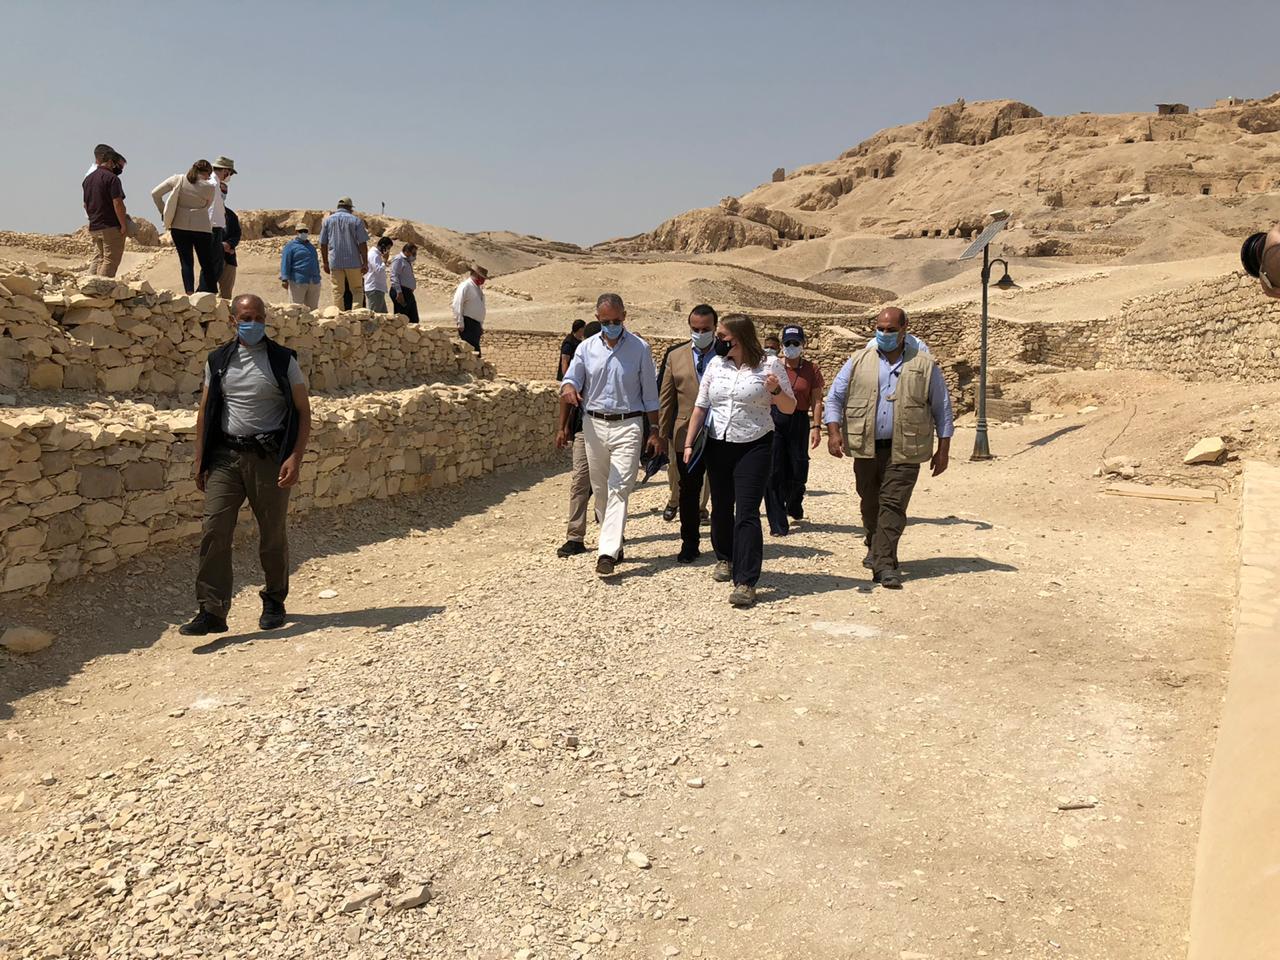 السفير الأمريكى بالقاهرة ونائب محافظ الأقصر يتفقدان مقابر ذراع أبو النجا  (4)